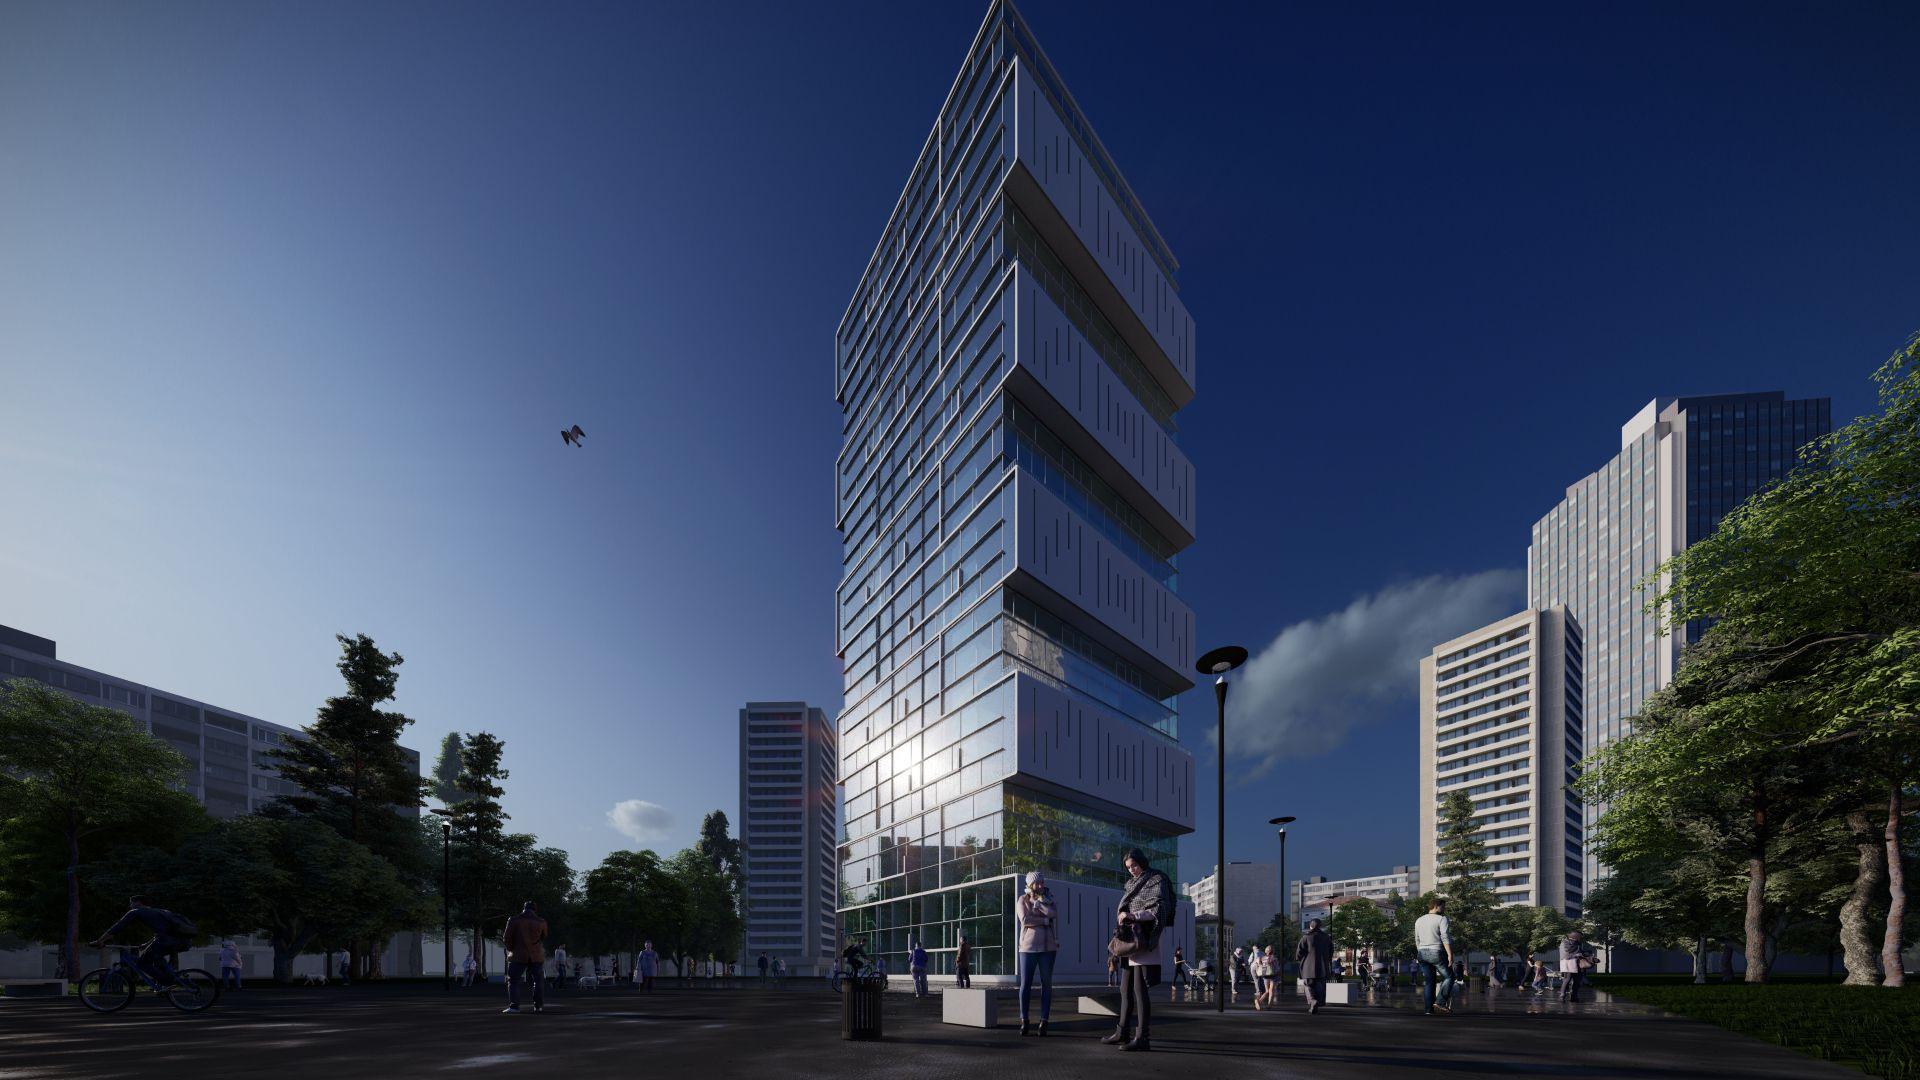 arhitektuurne 3d pilt hoone visualiseerimine 172